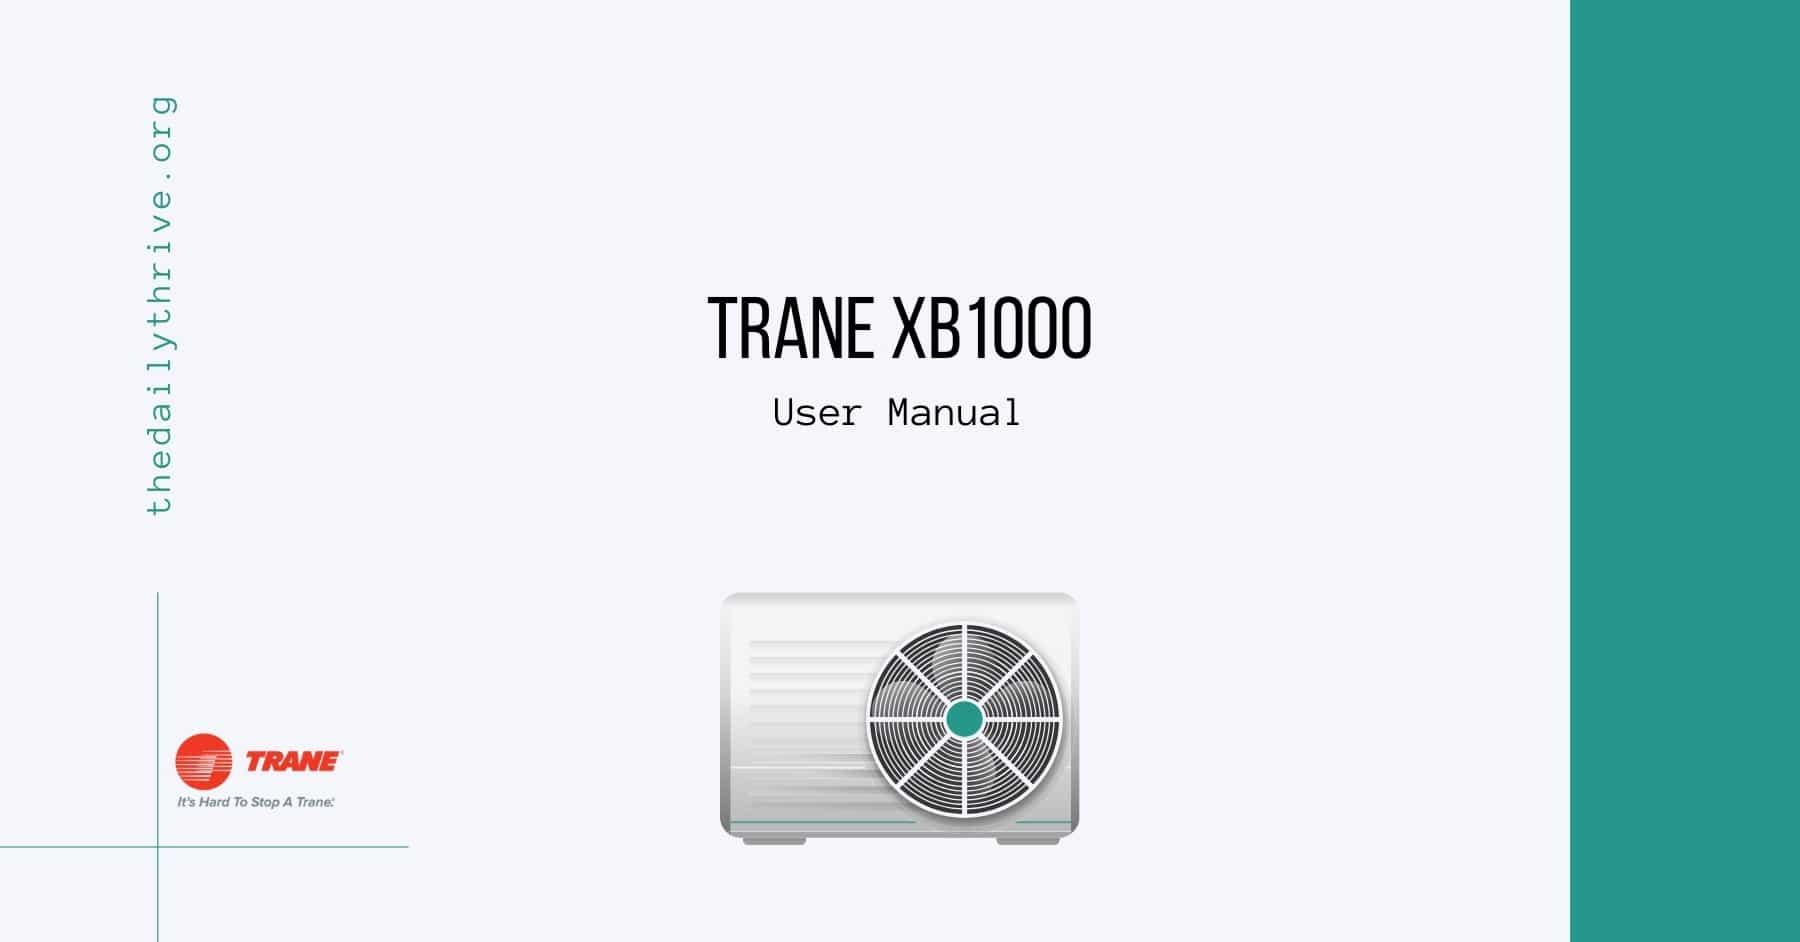 Trane xb1000 User manual